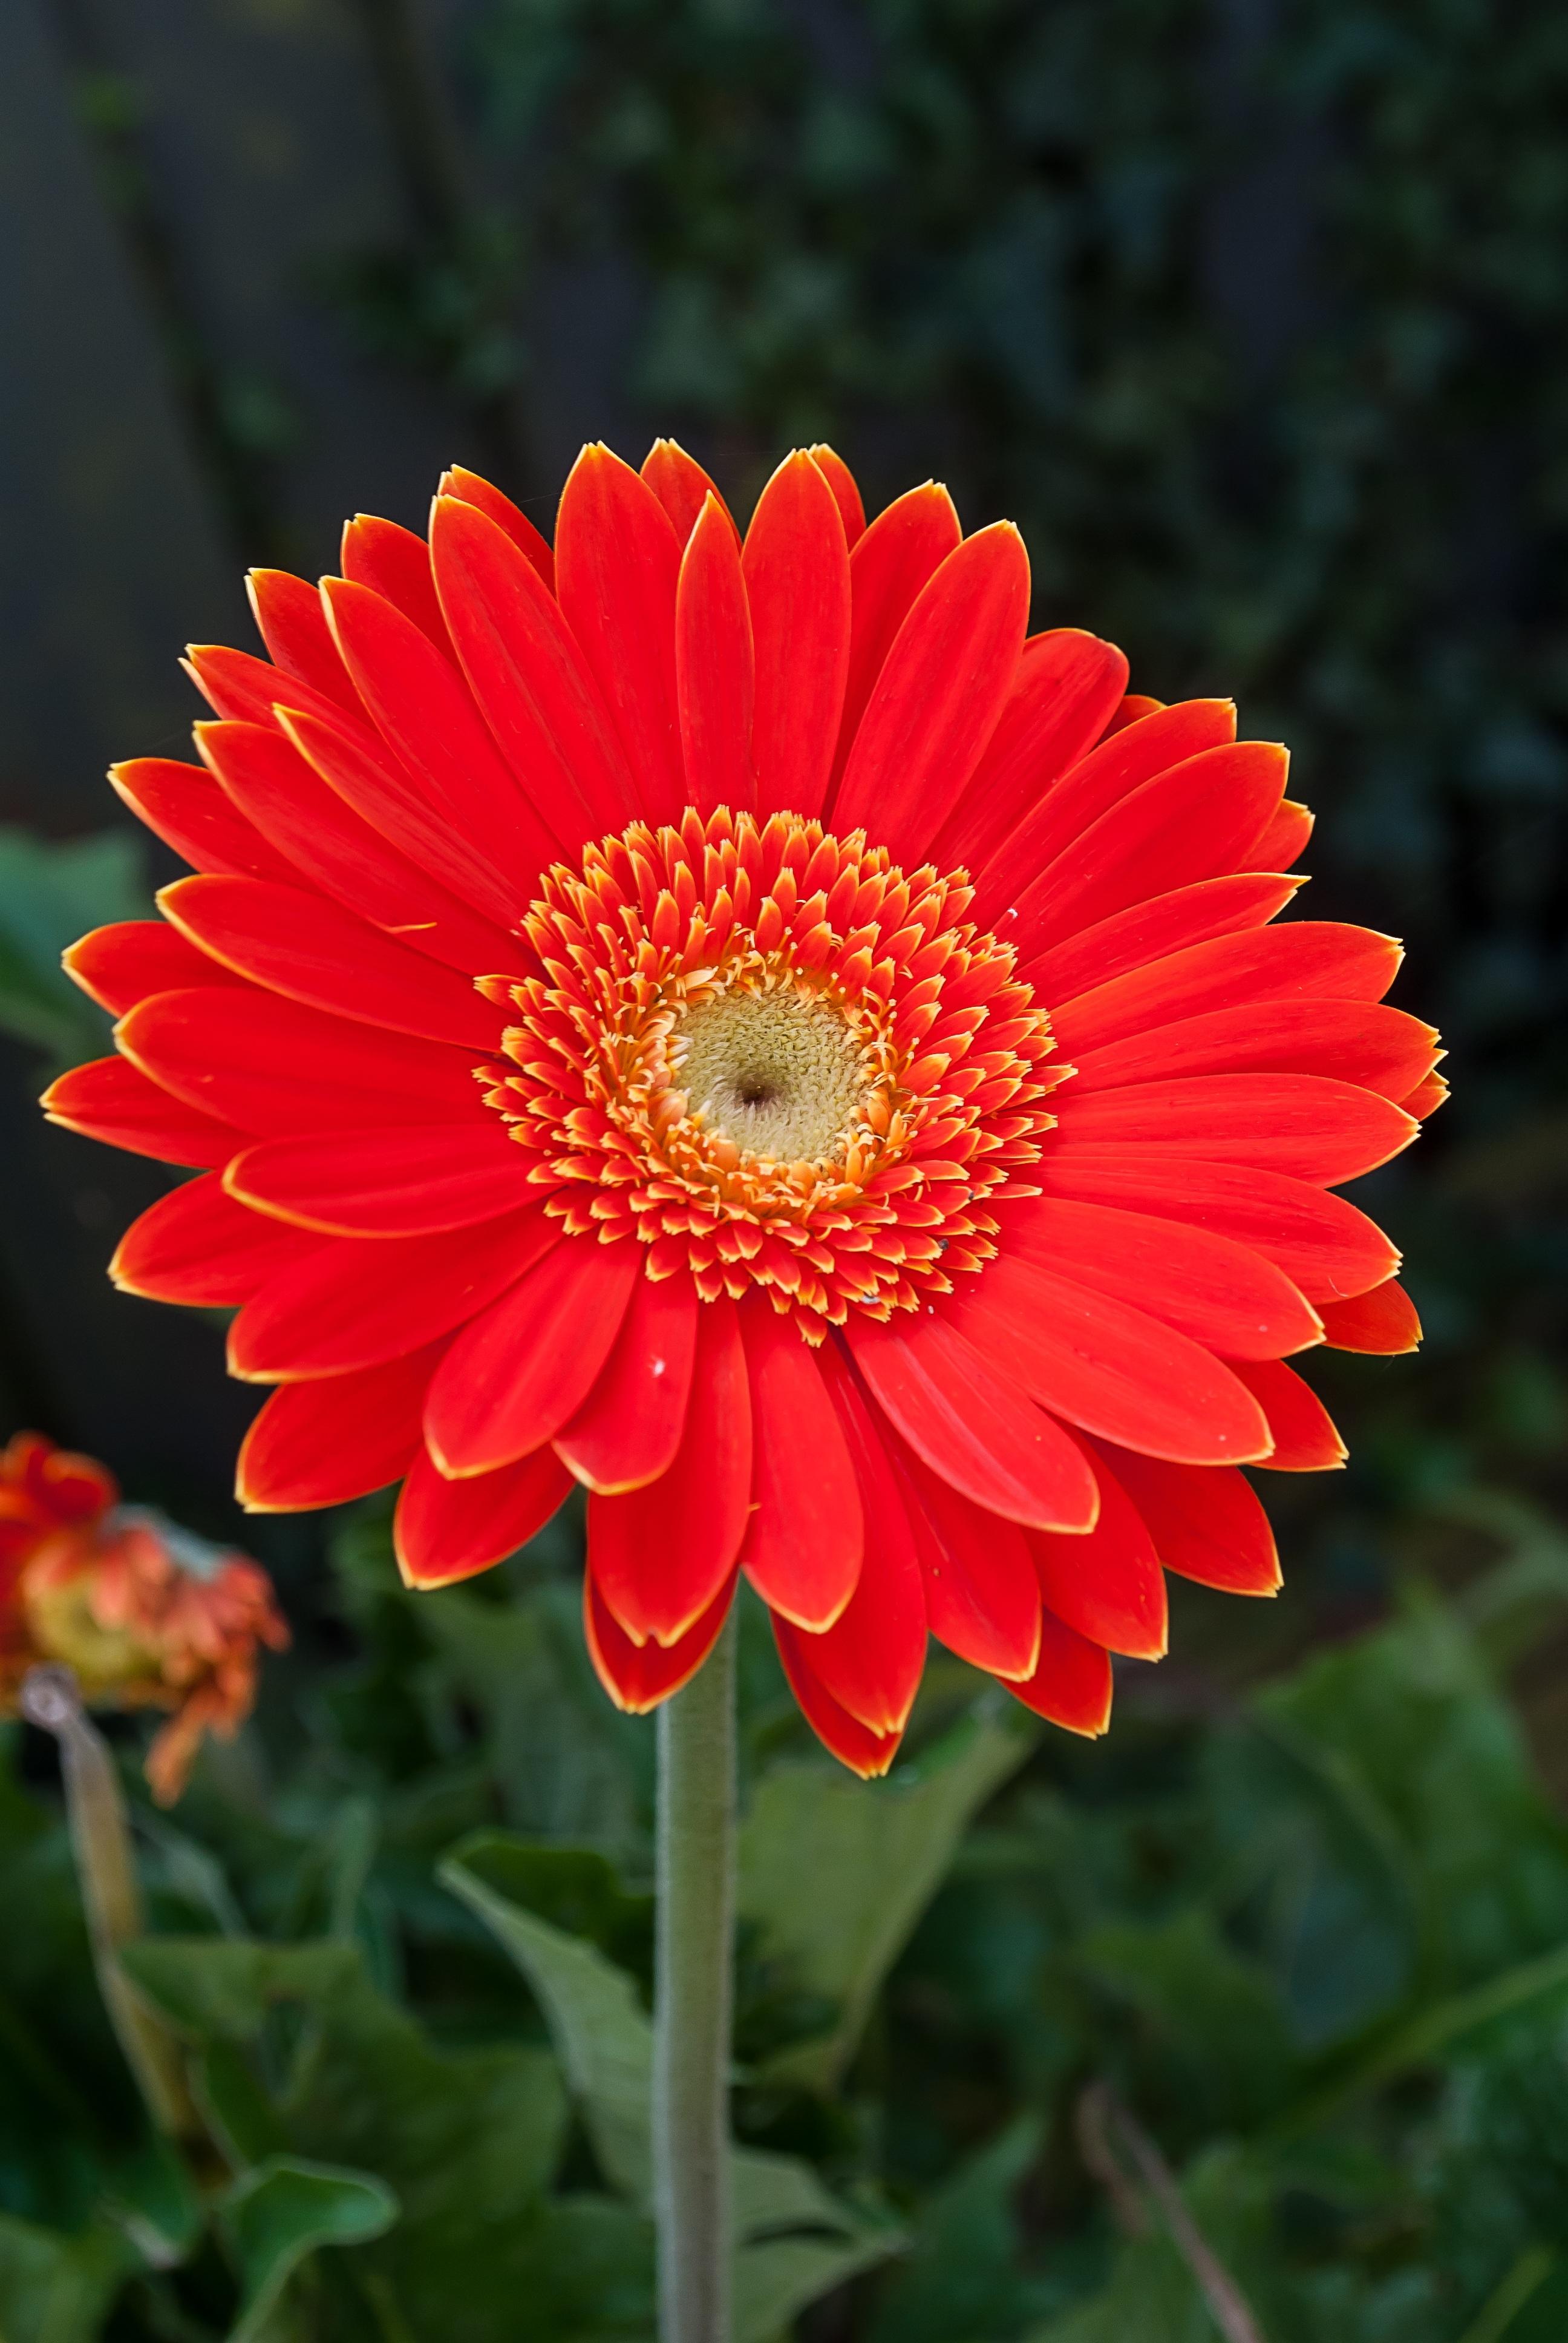 Gambar Menanam Daun Bunga Musim Panas Bunga Aster Merah Warna Botani Flora Gerbera Taman Bunga Fotografi Makro Tanaman Berbunga Keluarga Daisy City Car Asterales Tanaman Tahunan Batang Tanaman Tanaman Tanah 2592x3872